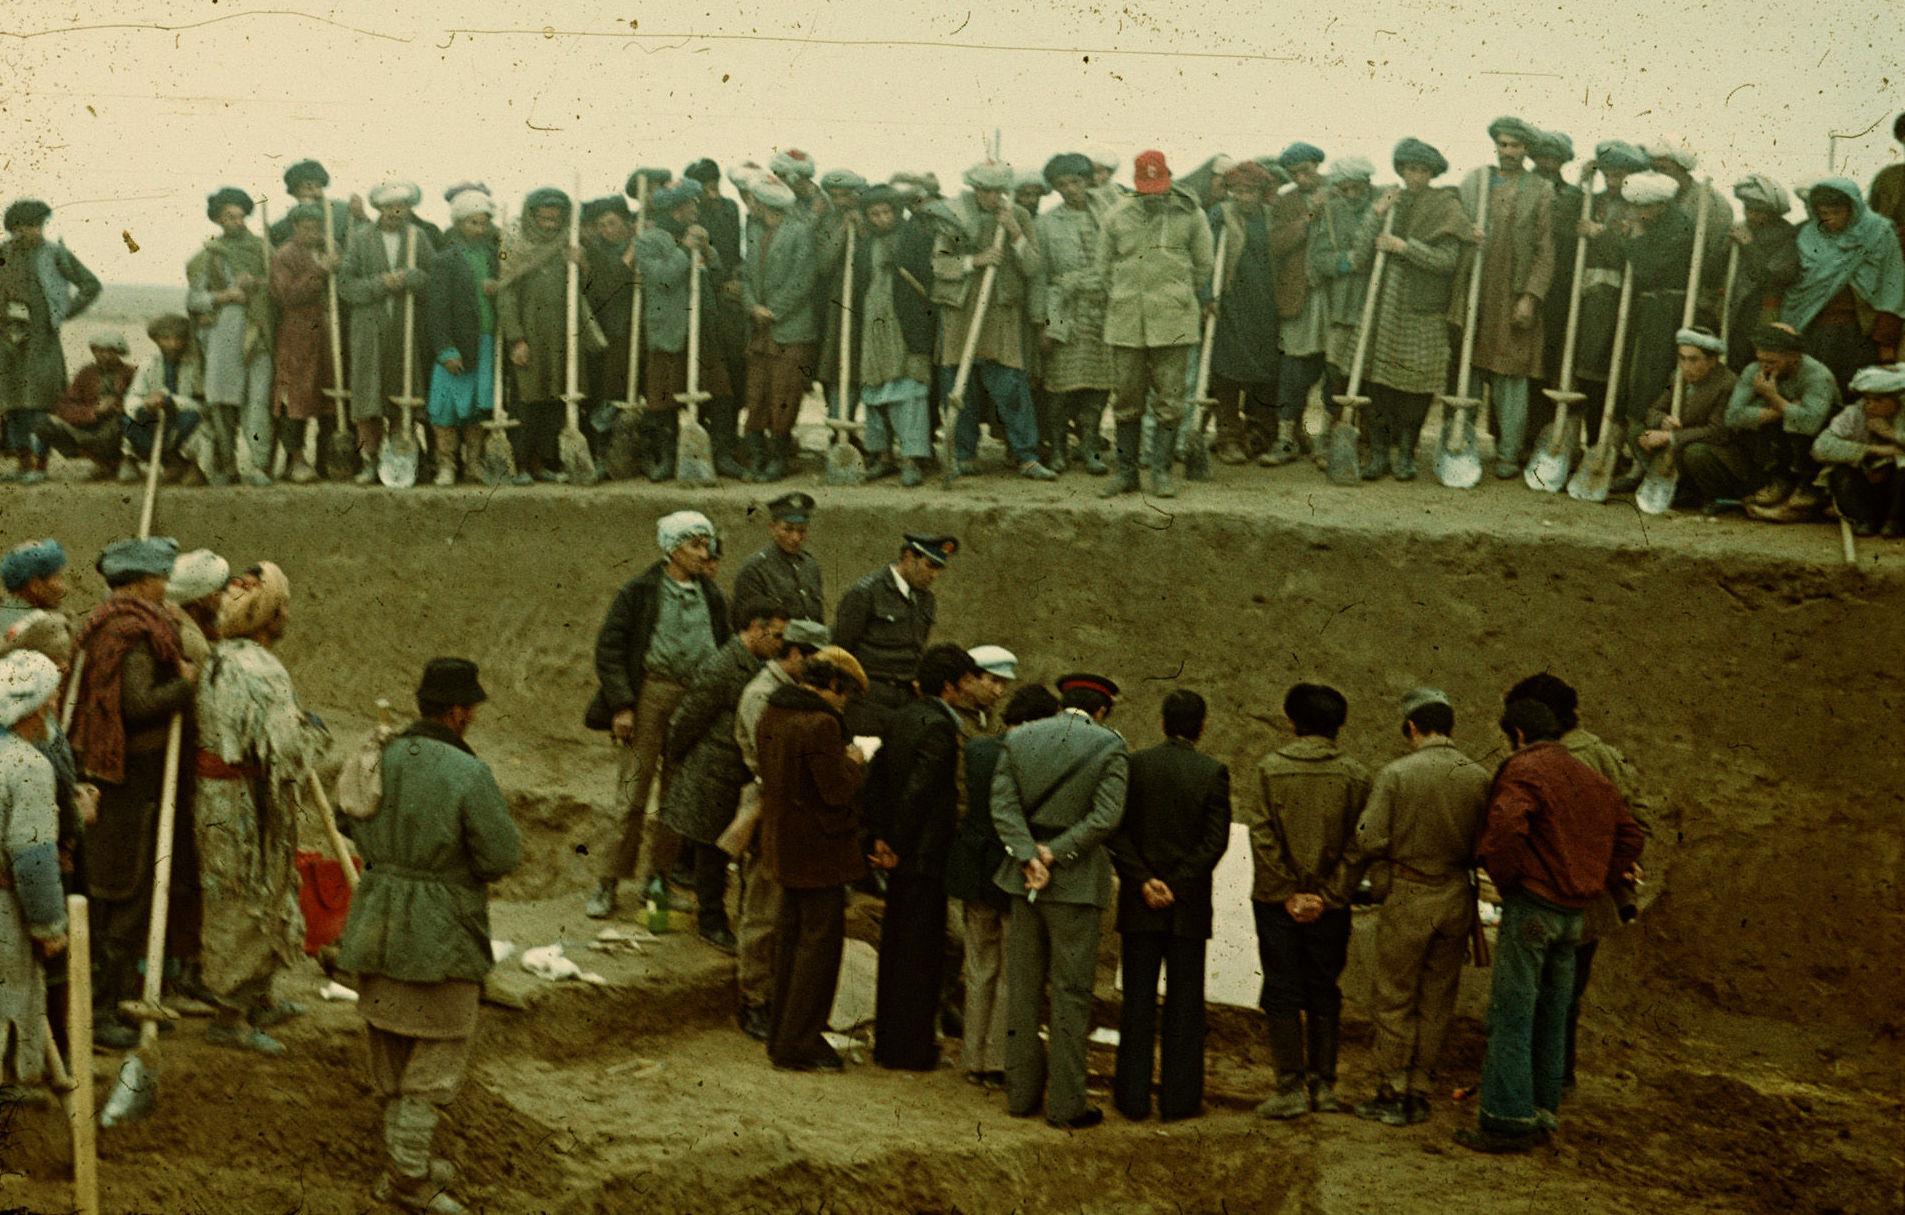 На месте археологических раскопок недалеко от афганского города Шибарган